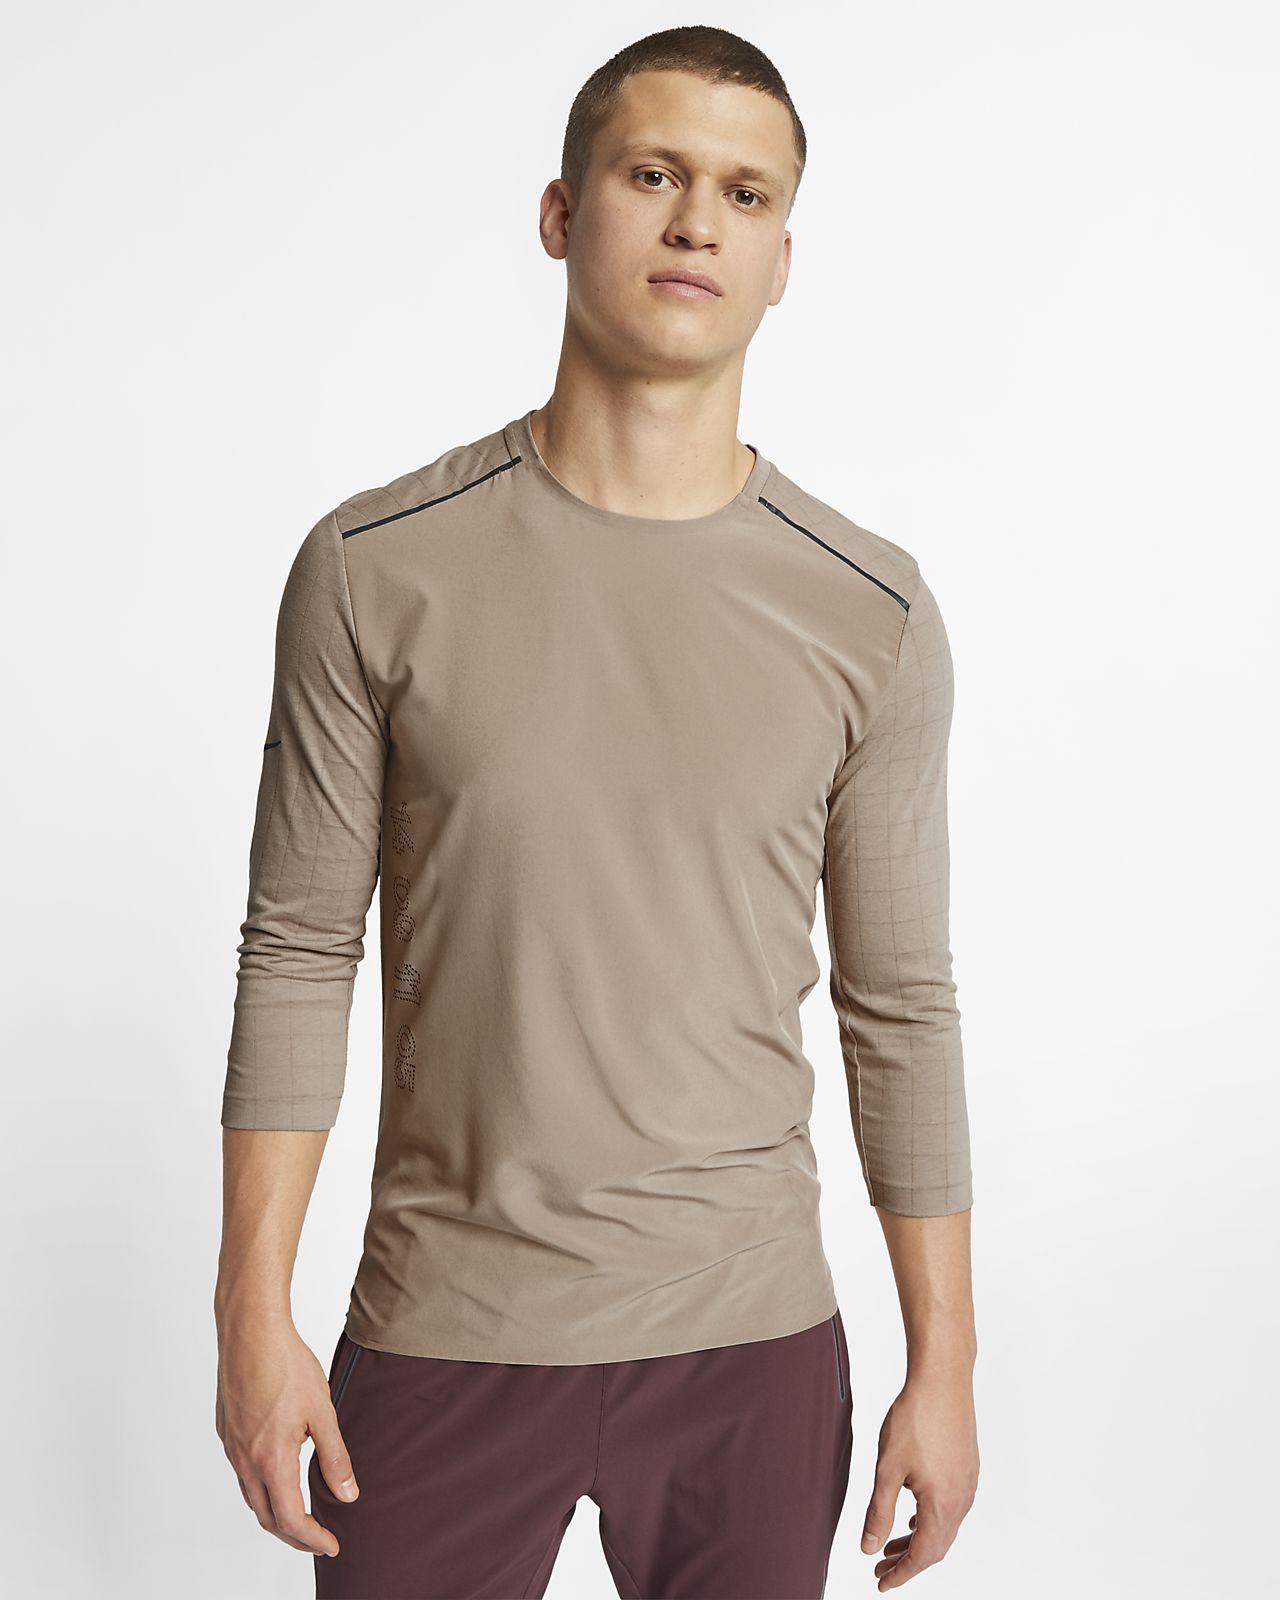 Ανδρική μπλούζα για τρέξιμο με τρουακάρ μανίκια Nike Rise 365 Tech Pack